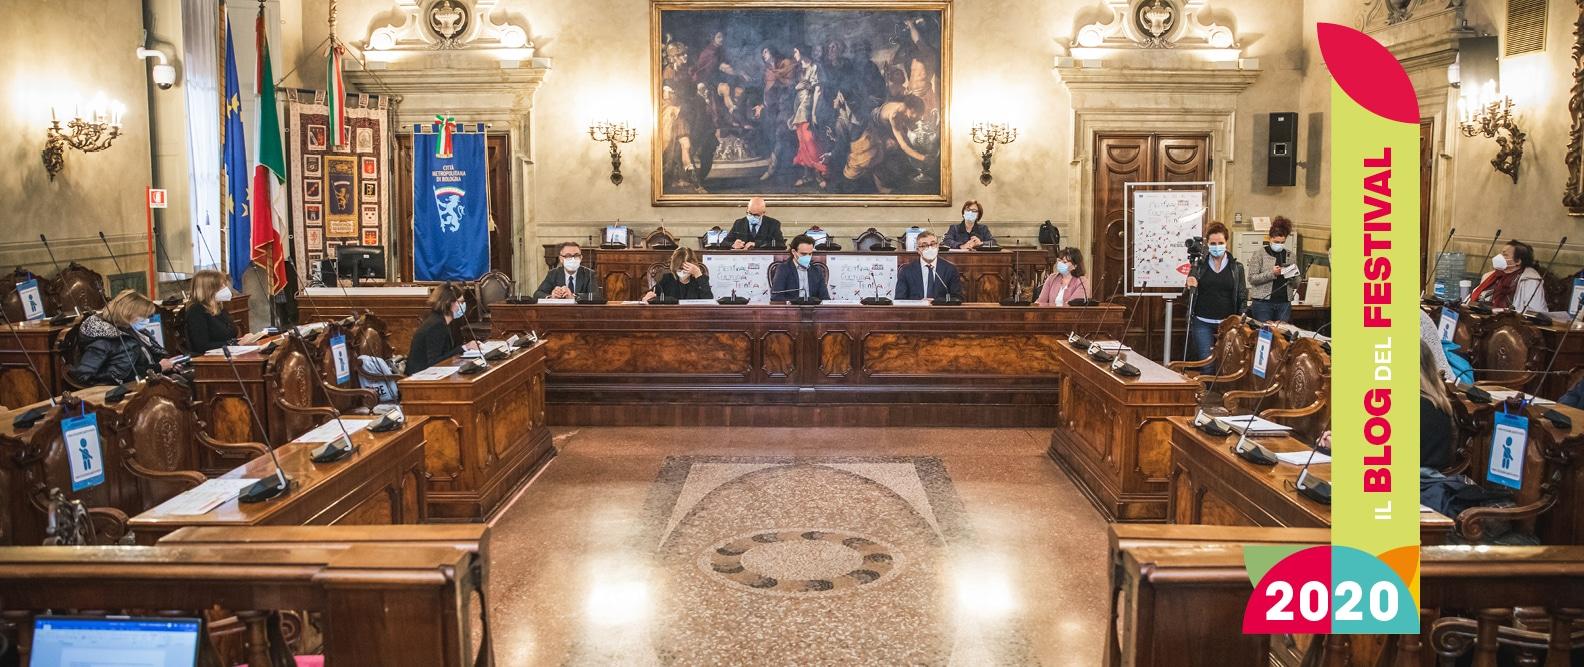 Pillole di Festival: l'Inaugurazione Regionale a Palazzo Malvezzi